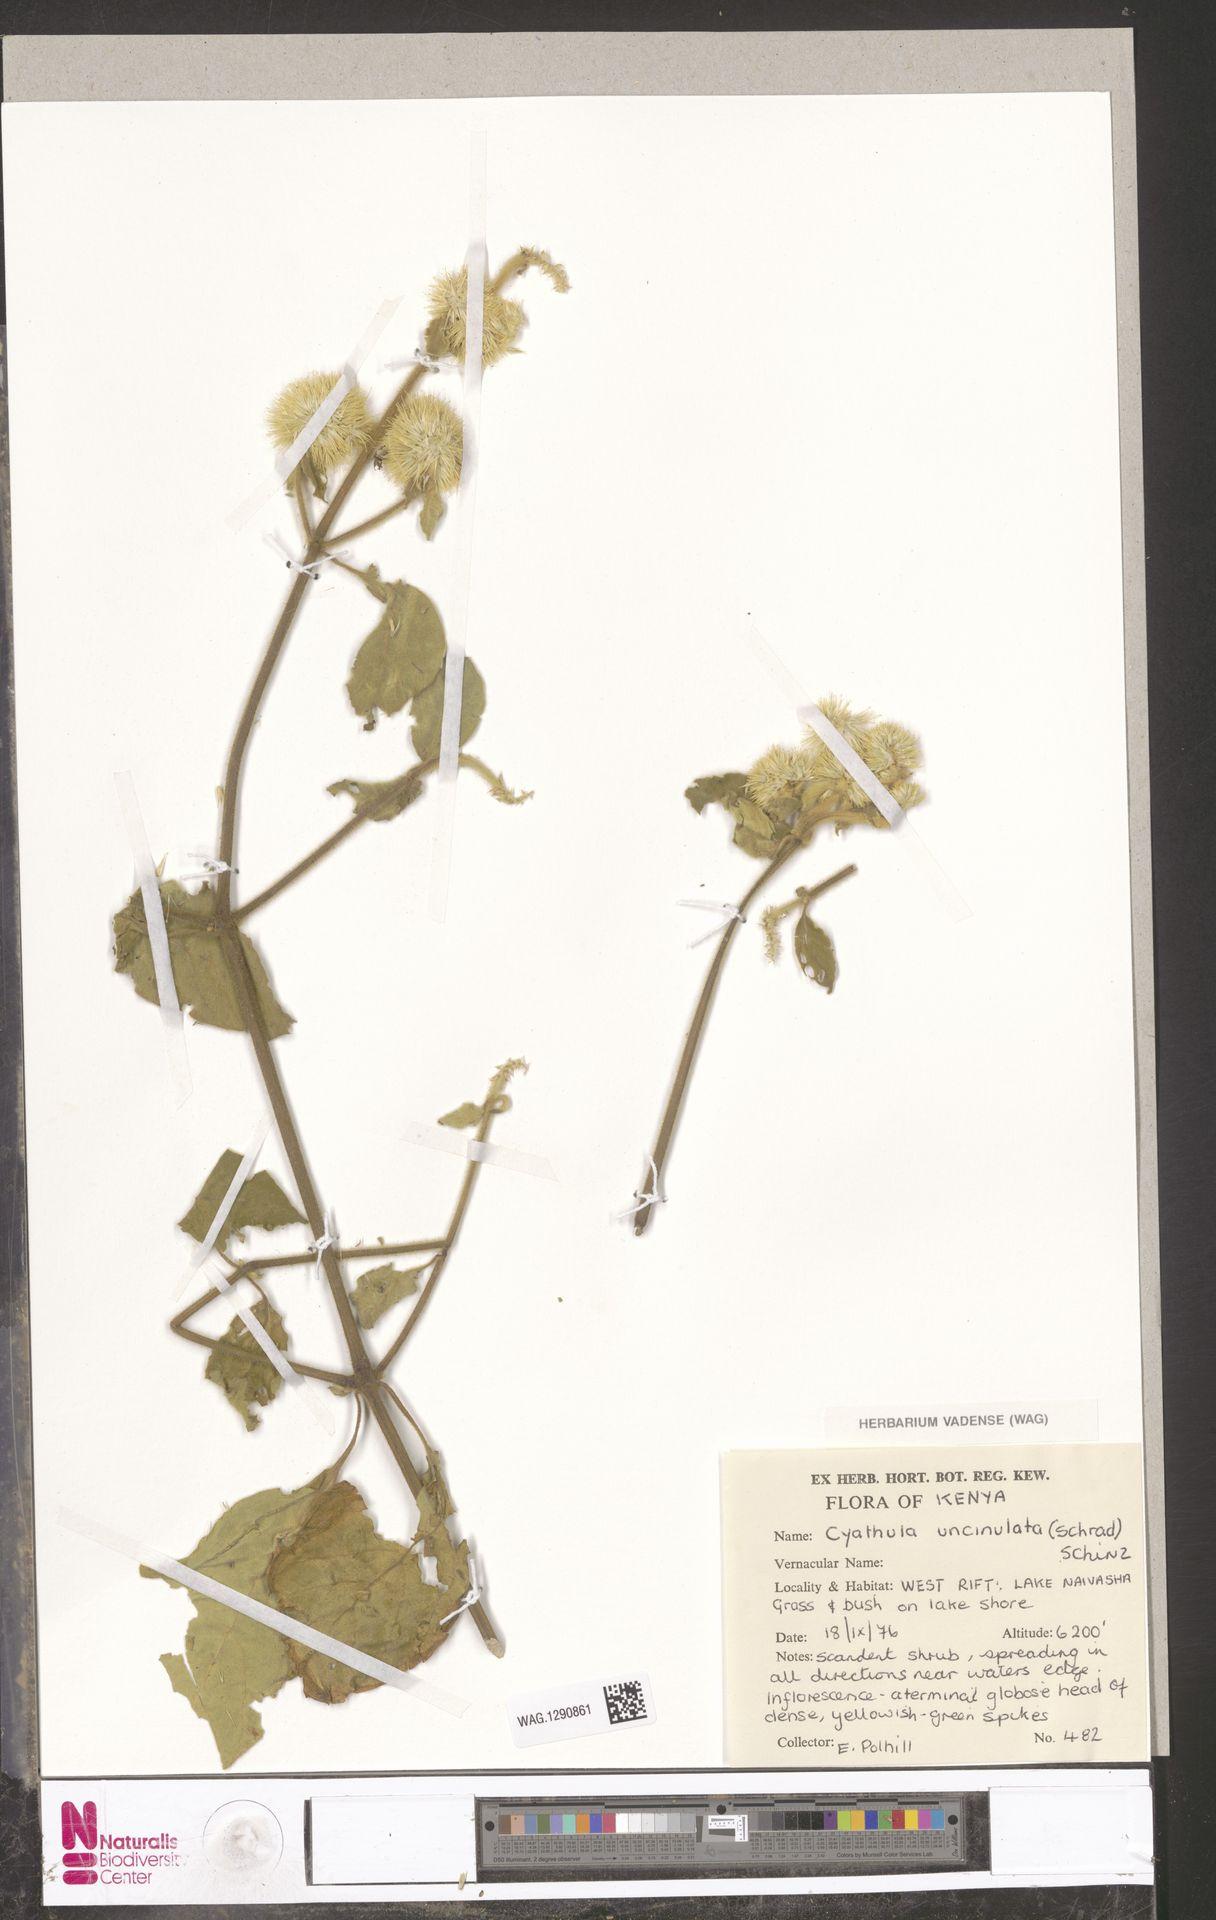 WAG.1290861 | Cyathula uncinulata (Schrad.) Schinz